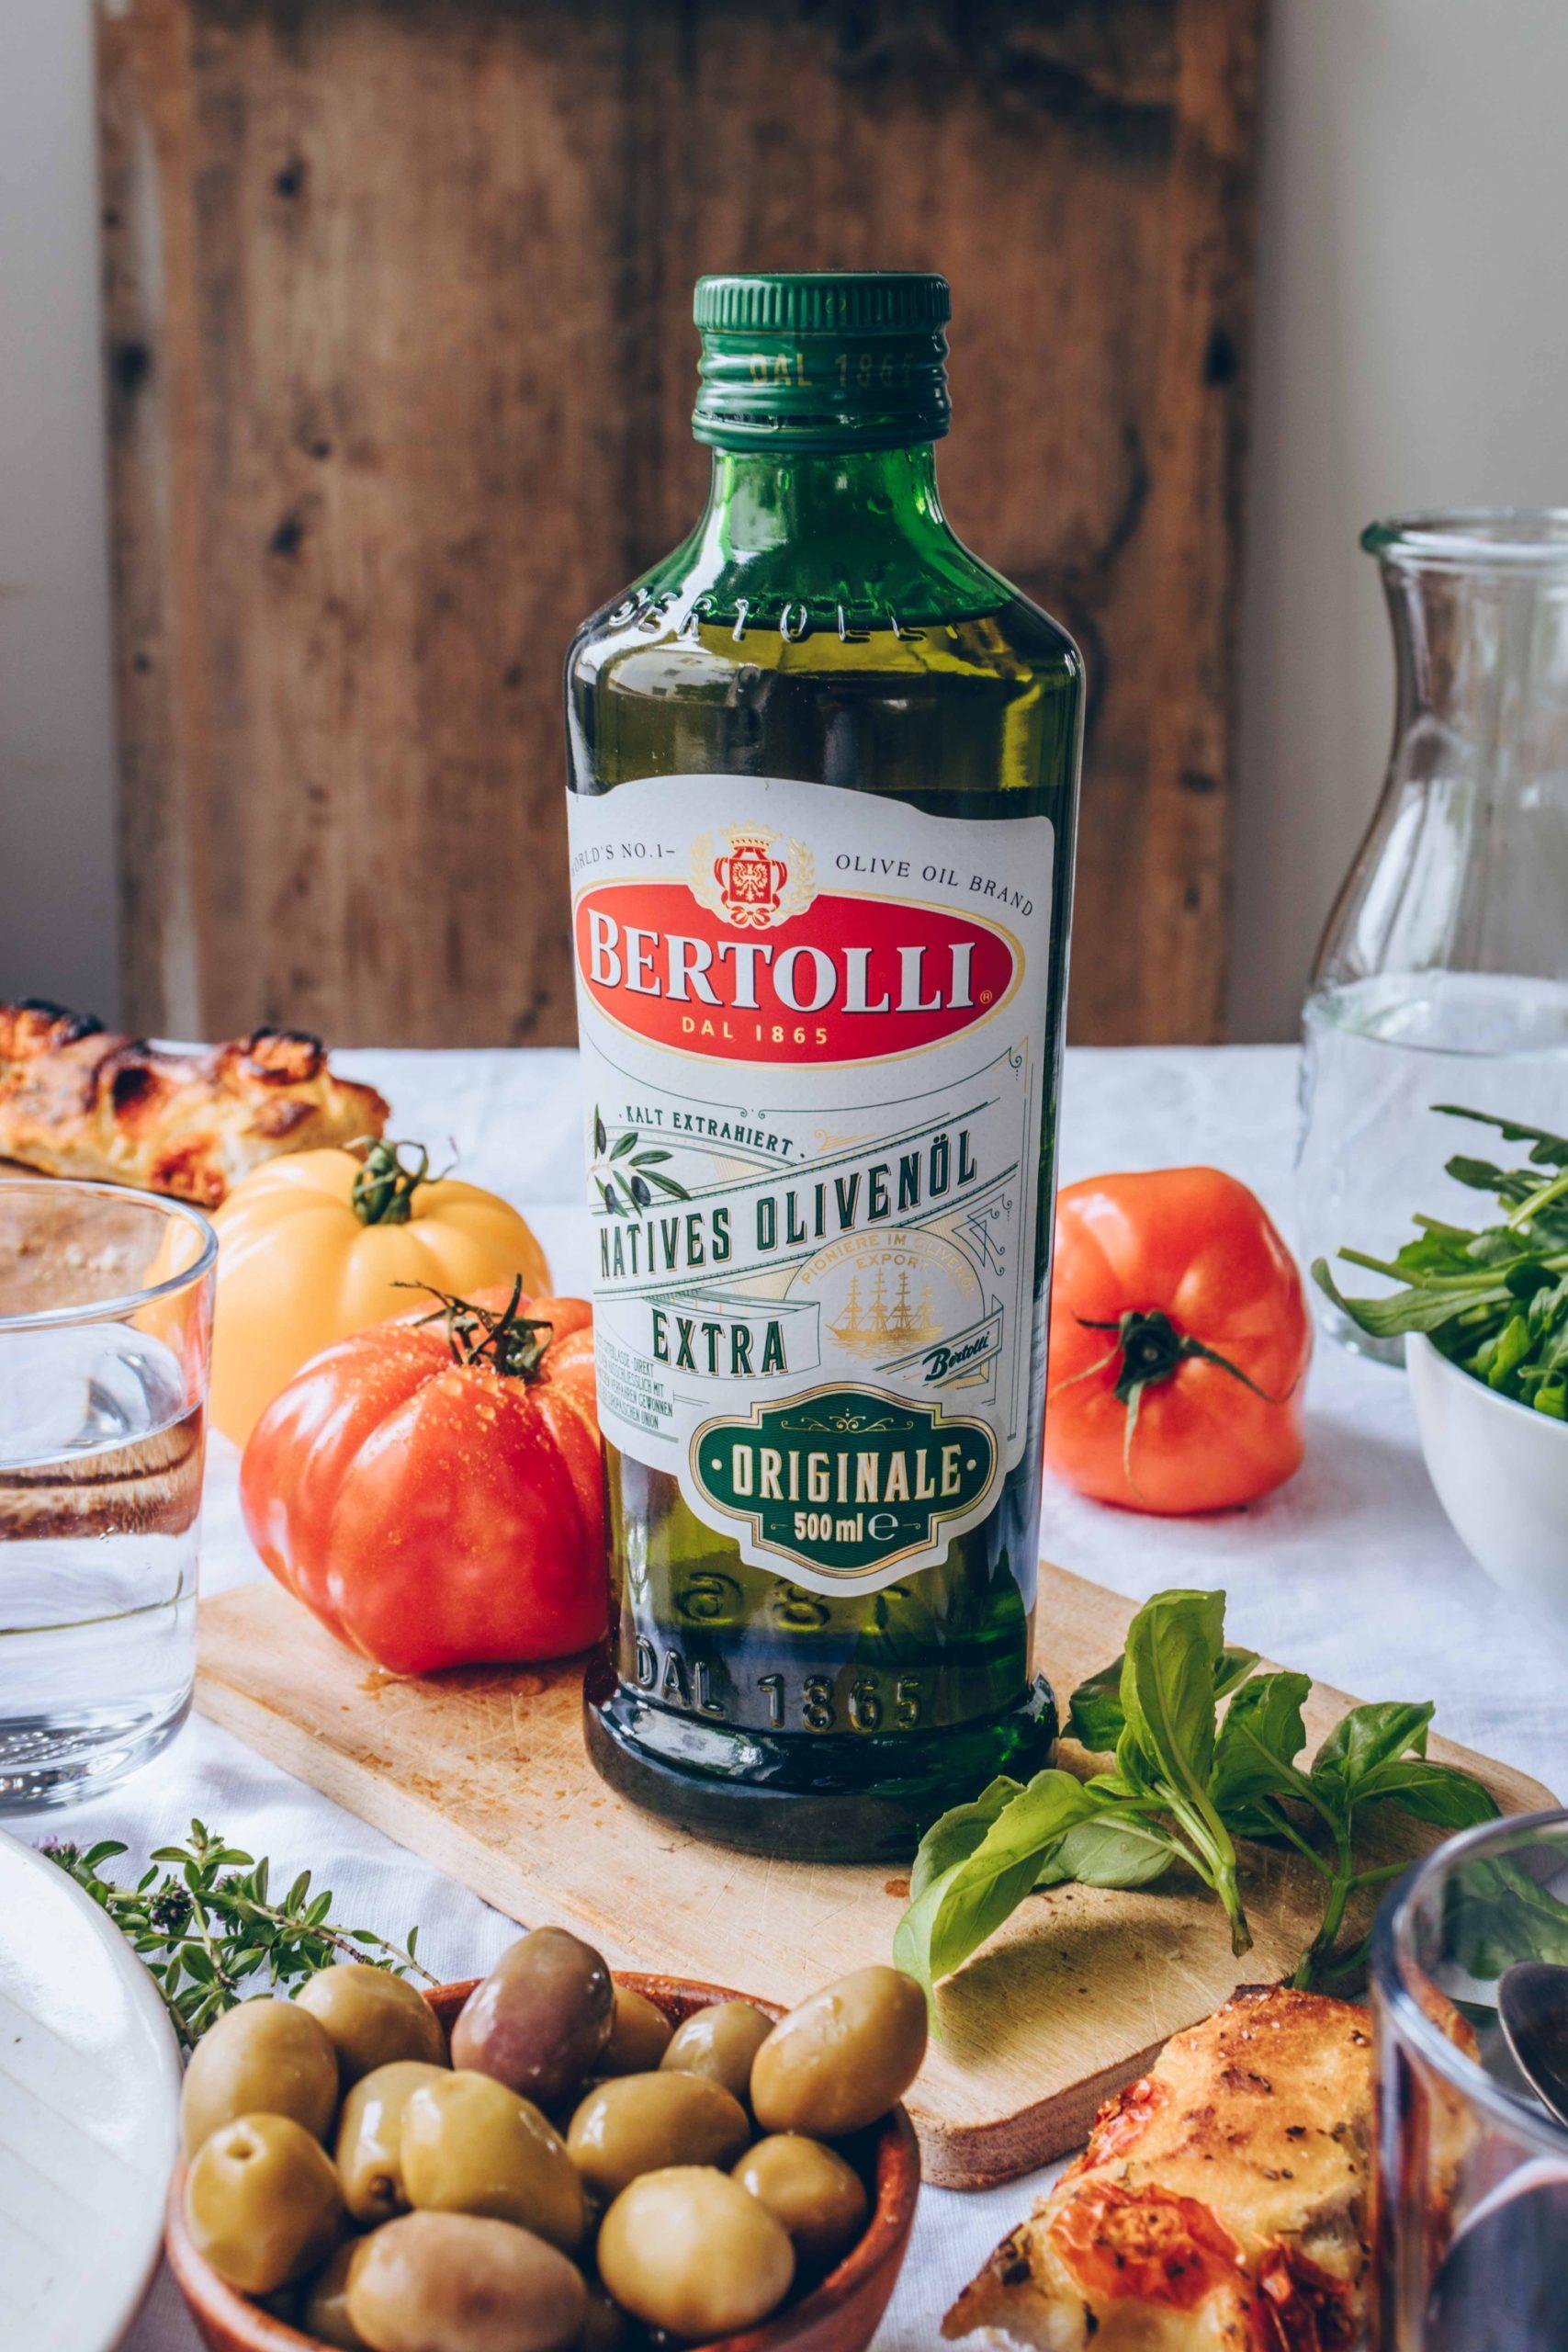 italienische Köstlichkeiten mit Olivenöl sind gut für´s Herz